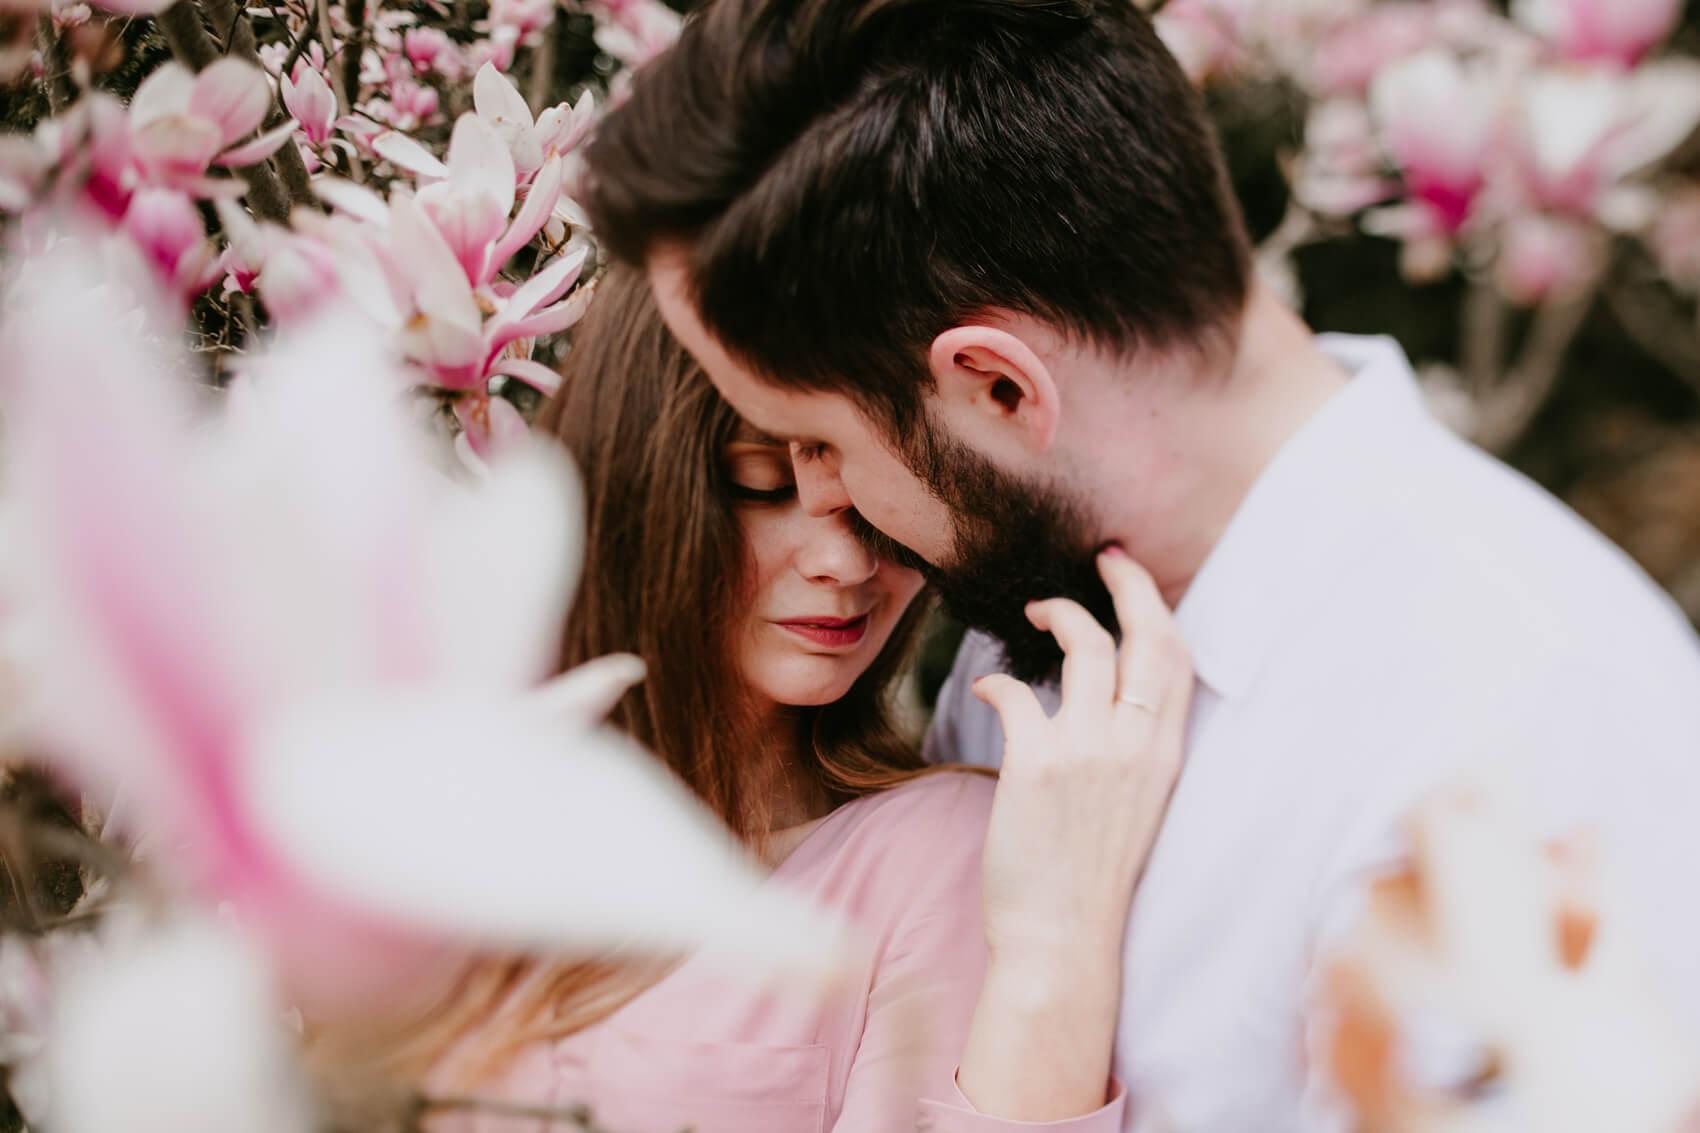 przytulająca się para w kwiatach w ogrodzie japońskim